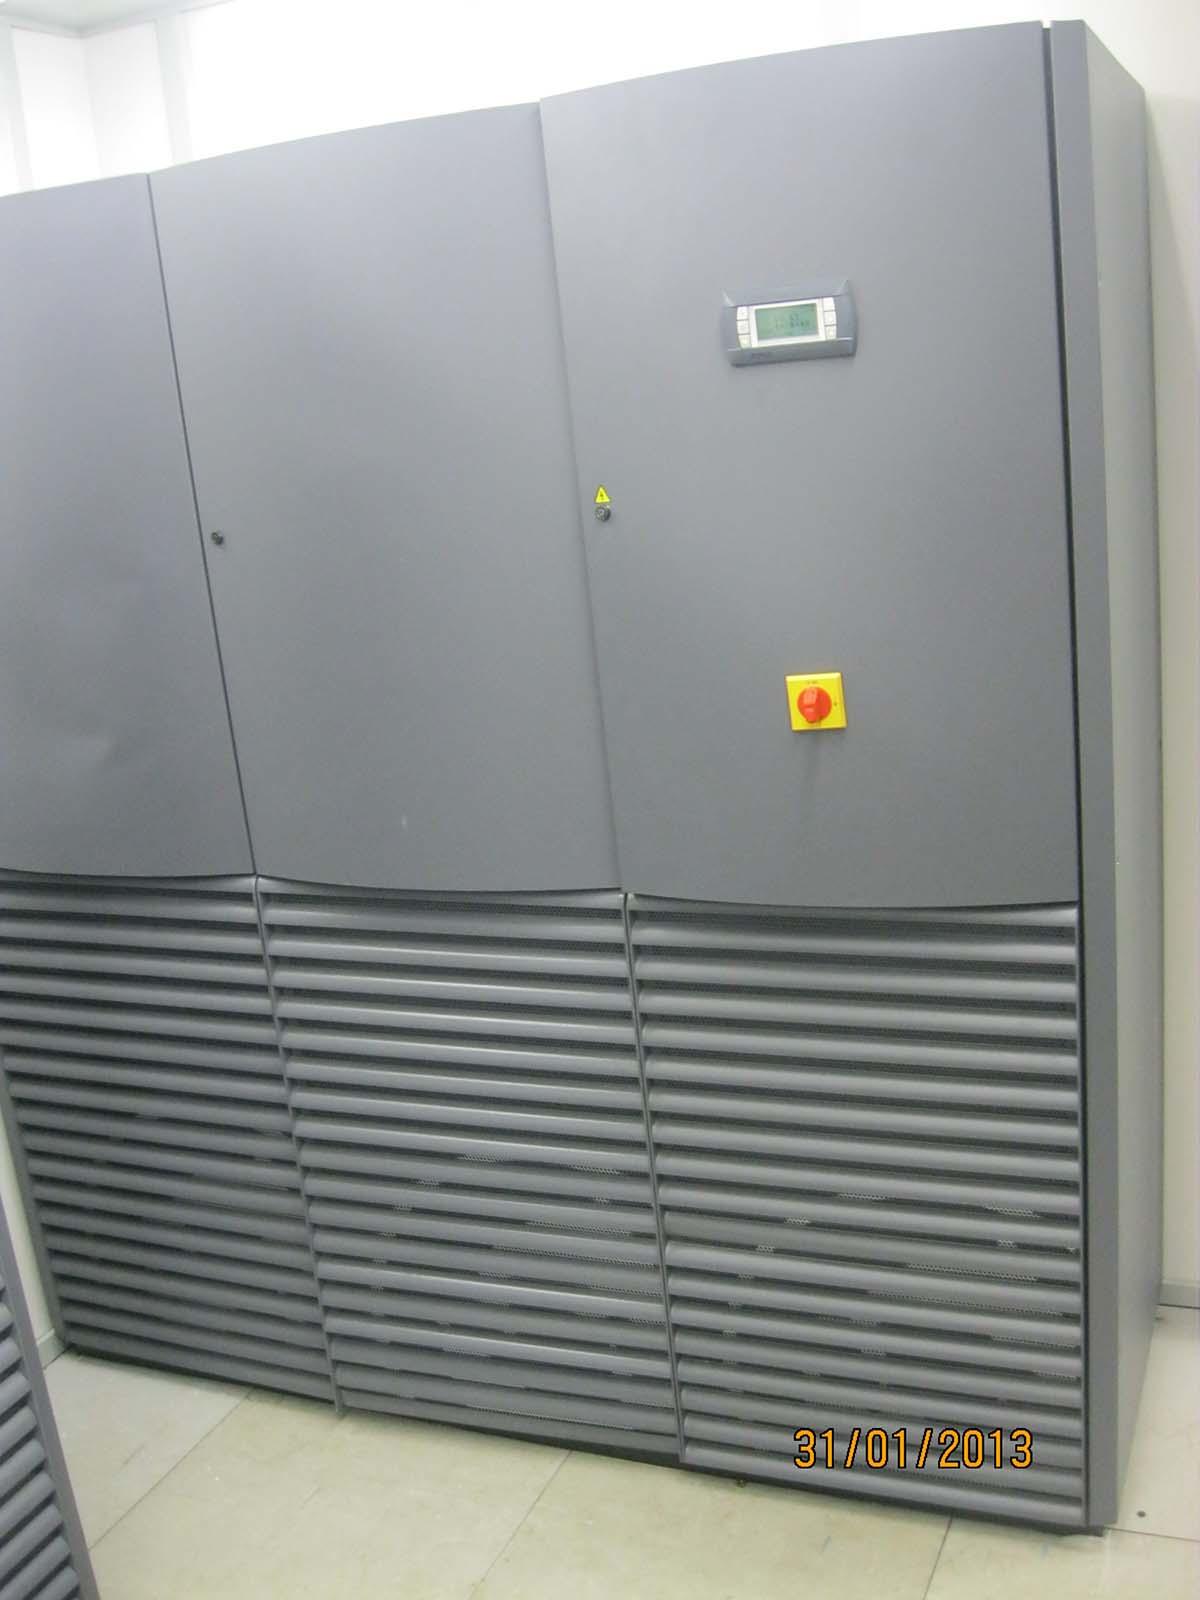 Стоимость обслуживания прецизионного кондиционера установка кондиционеров щербинка